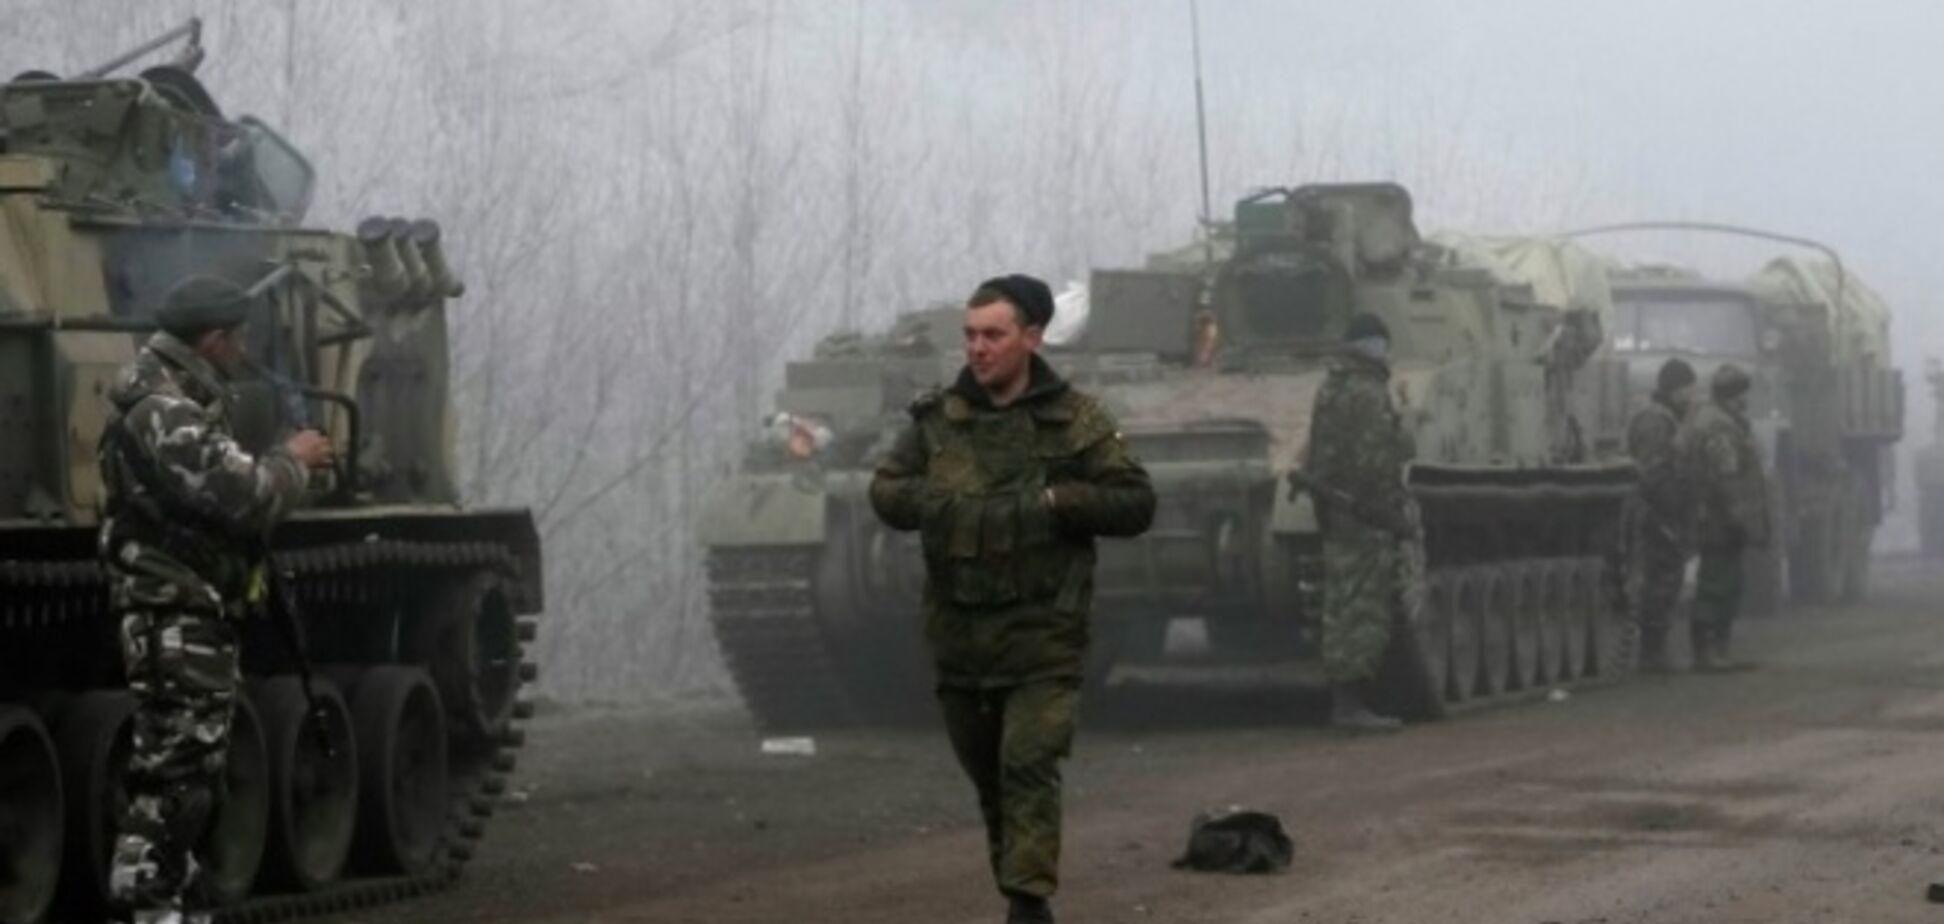 В Генштабе подтвердили подписание плана отвода вооружений на Донбассе